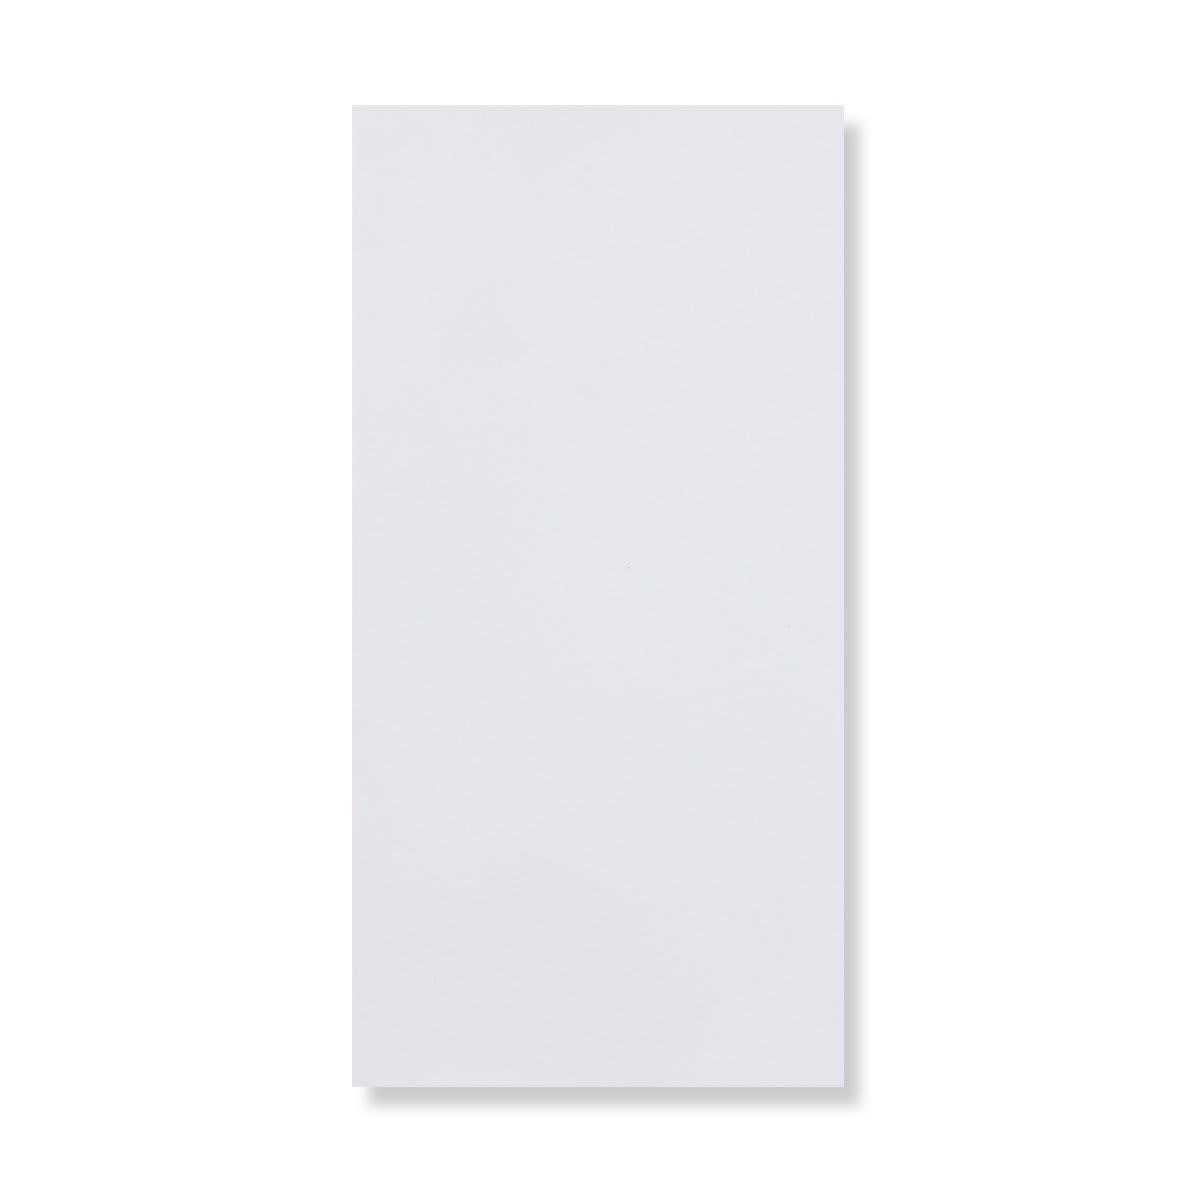 DL WHITE STRING & WASHER ENVELOPES 180GSM